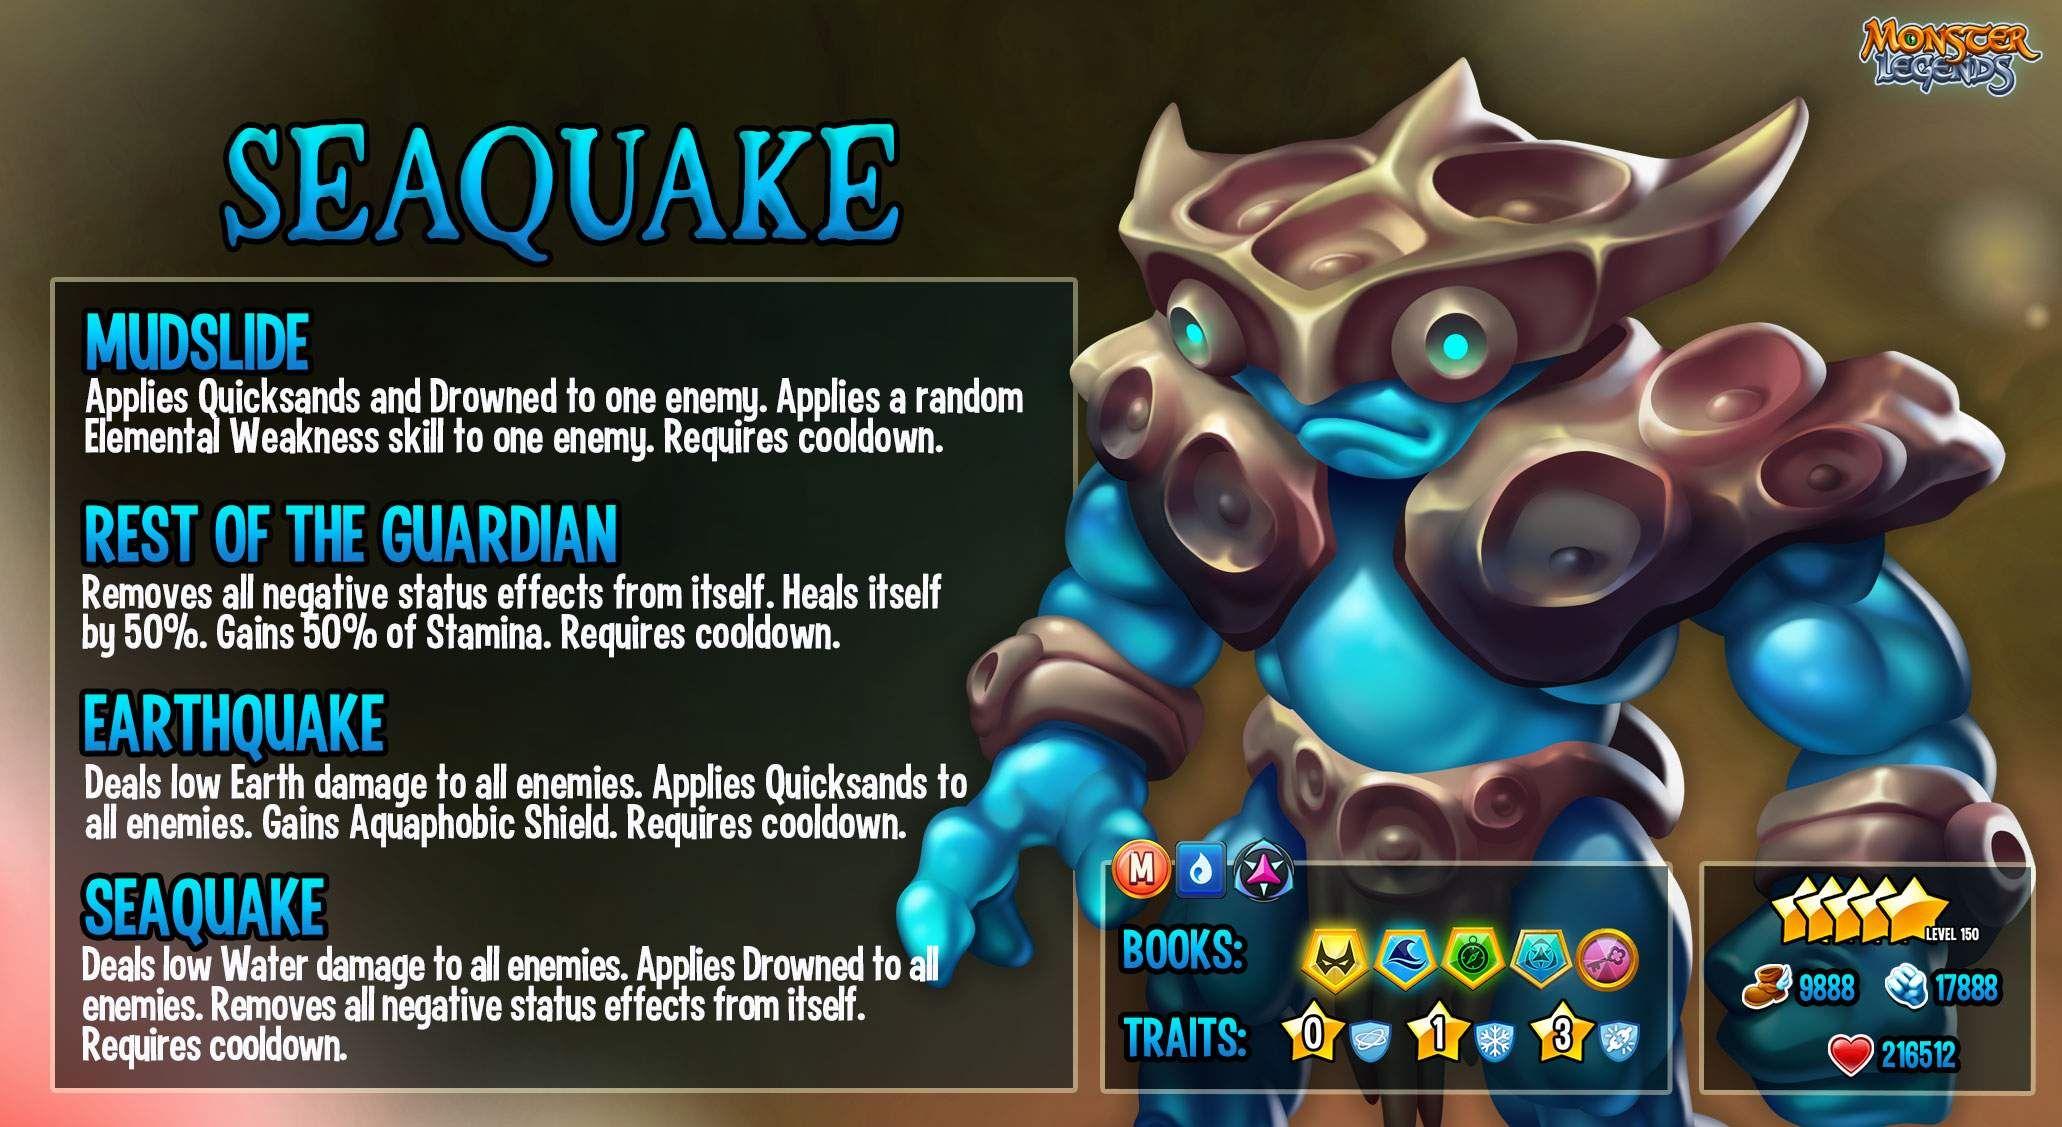 0_1598360861517_Seaquake.jpg